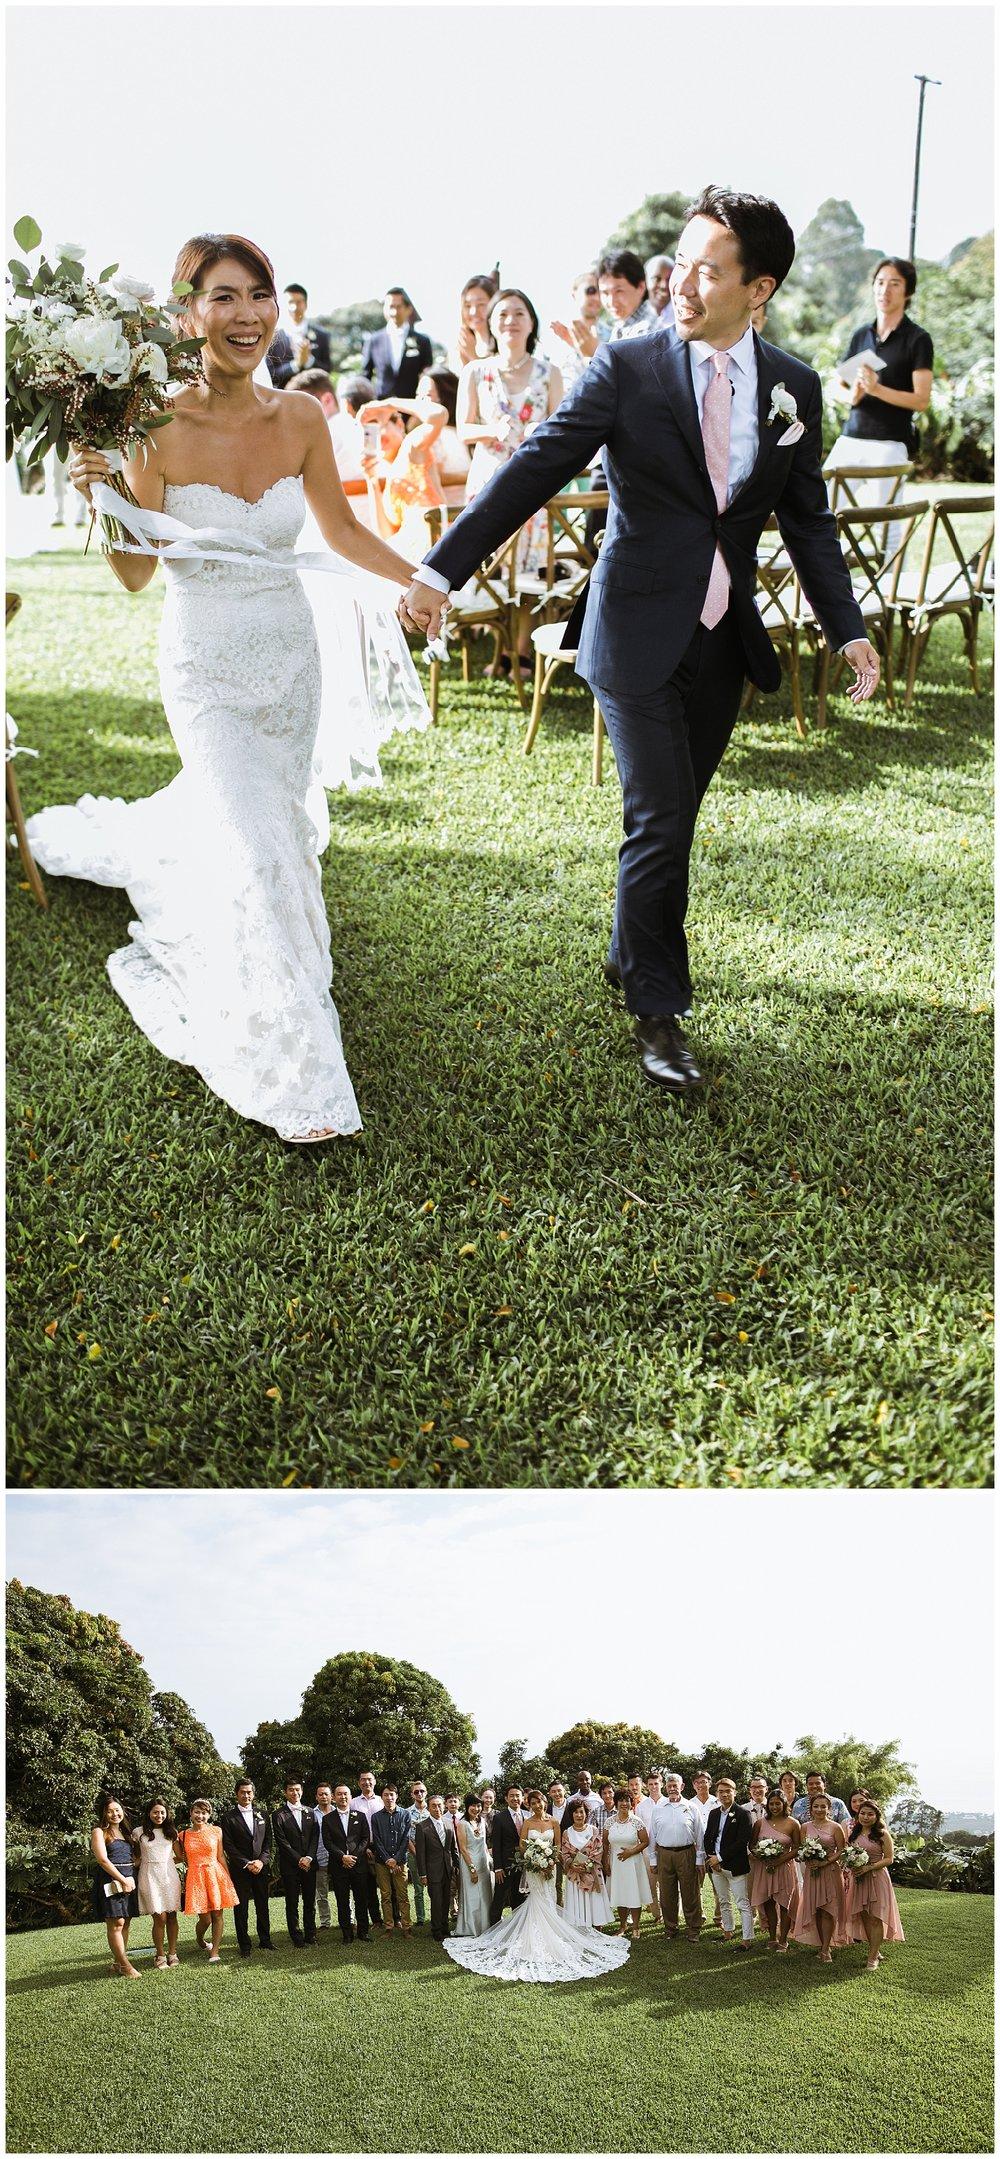 Bliss in Bloom Kailua Kona Hawaii Wedding Event Coordination_0063.jpg